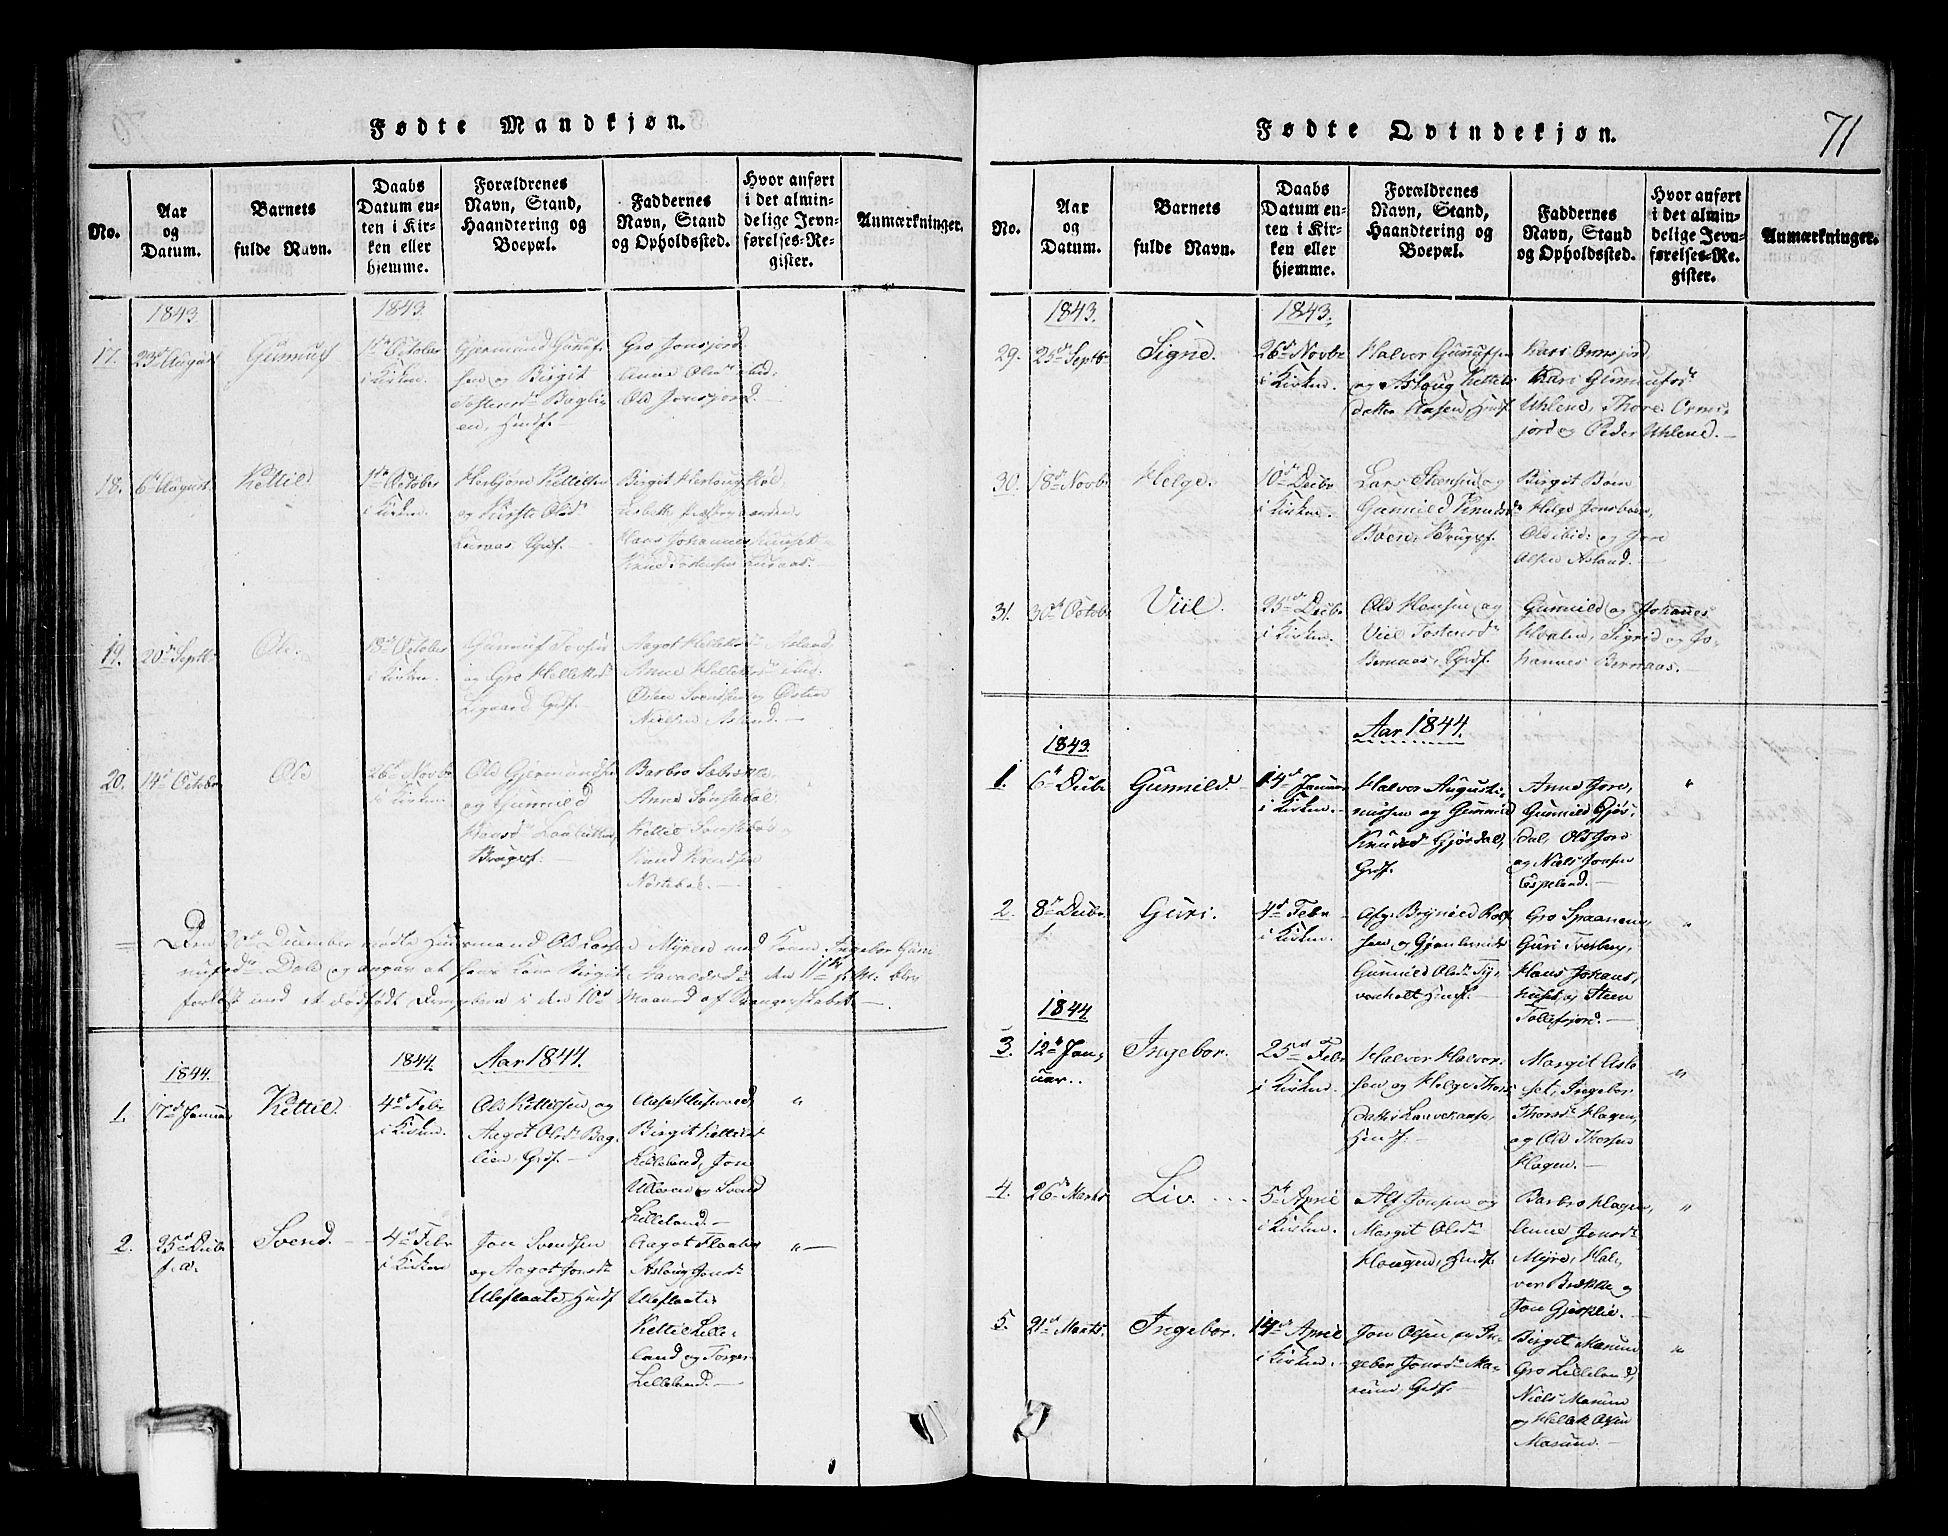 SAKO, Tinn kirkebøker, G/Gb/L0001: Klokkerbok nr. II 1 /2, 1837-1850, s. 71